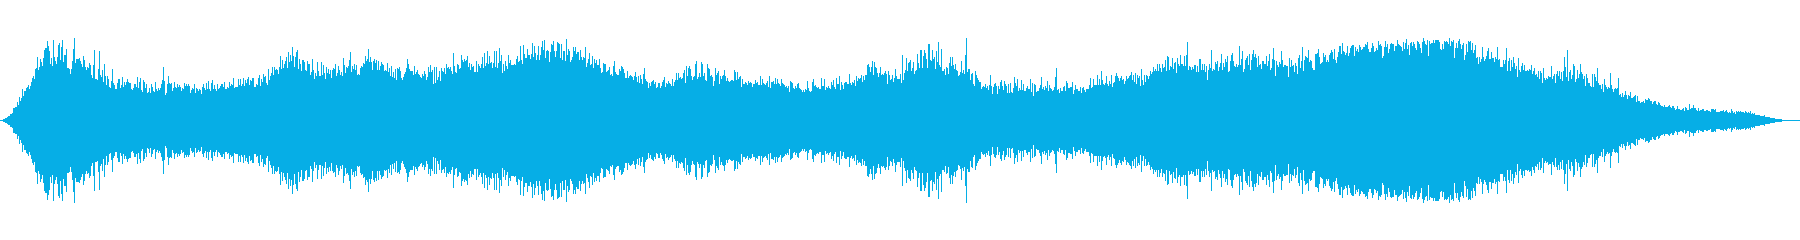 サーフウィンドのミディアムスペース...の再生済みの波形